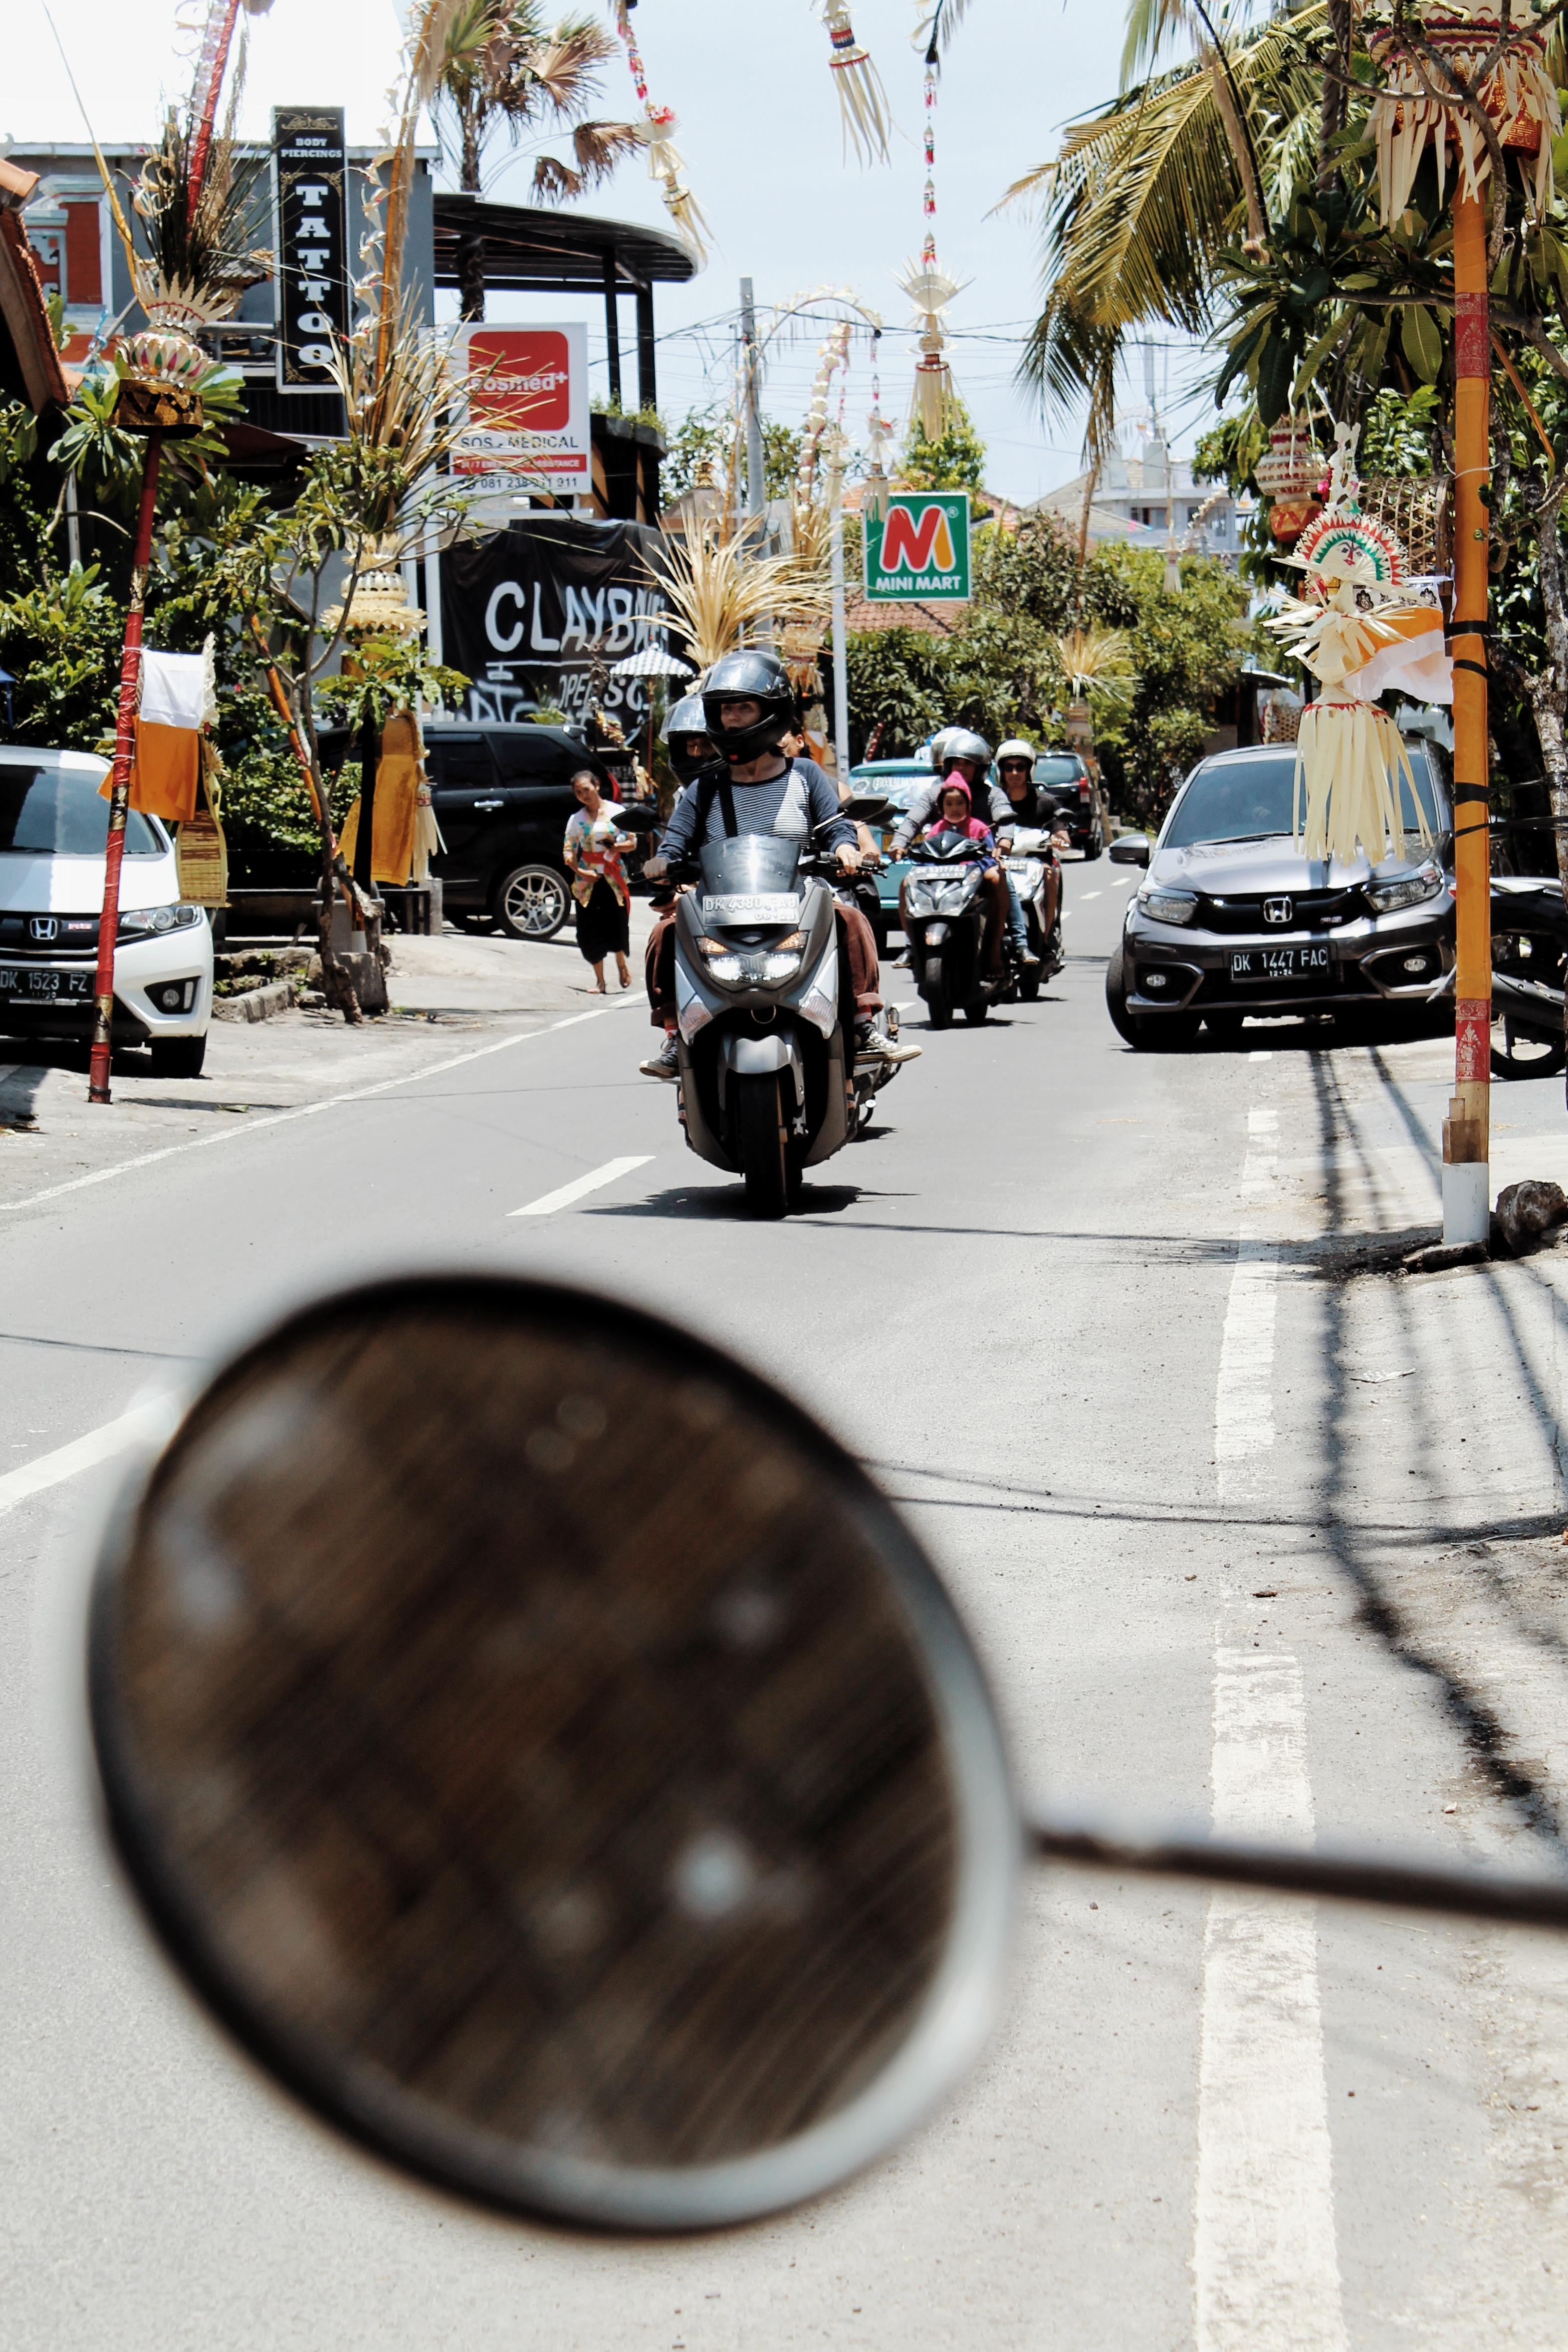 motorbike on the street in bali